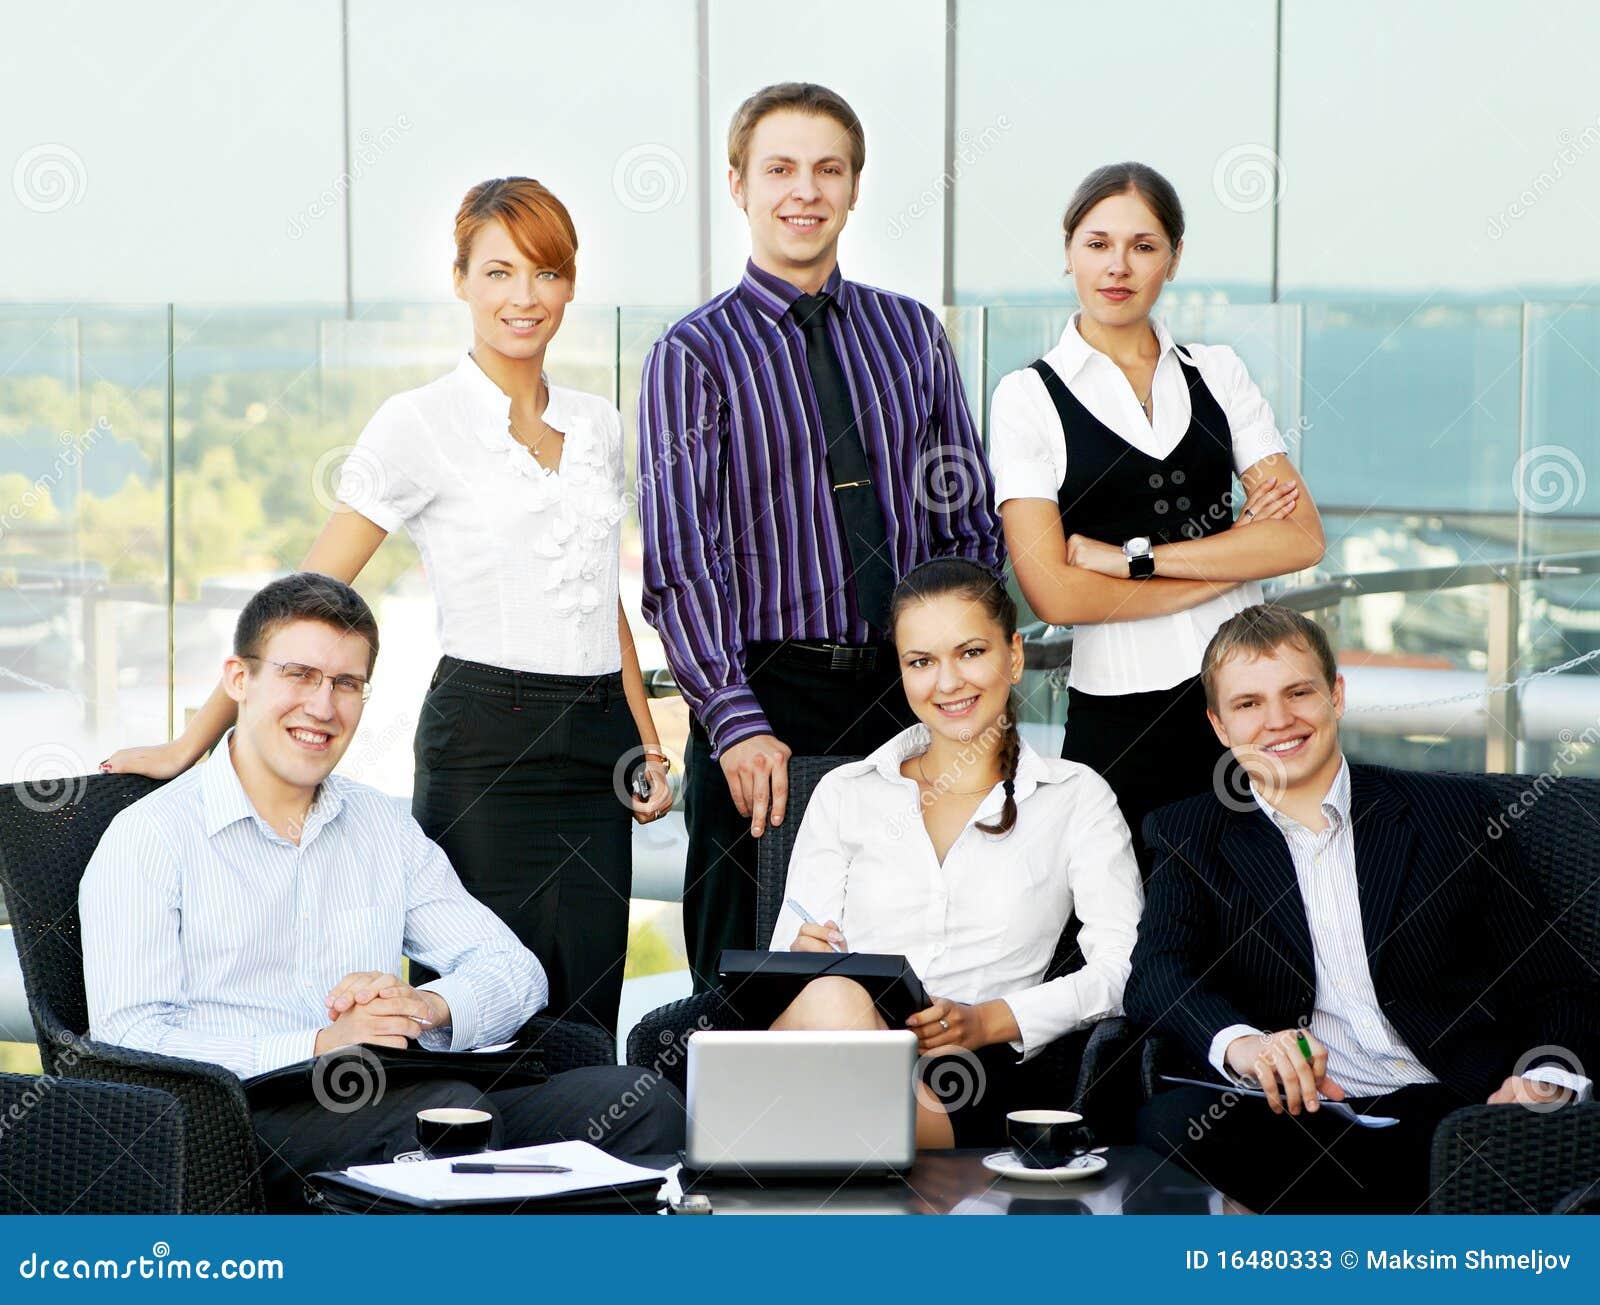 Personas del asunto de seis personas en una oficina for Imagenes de una oficina moderna